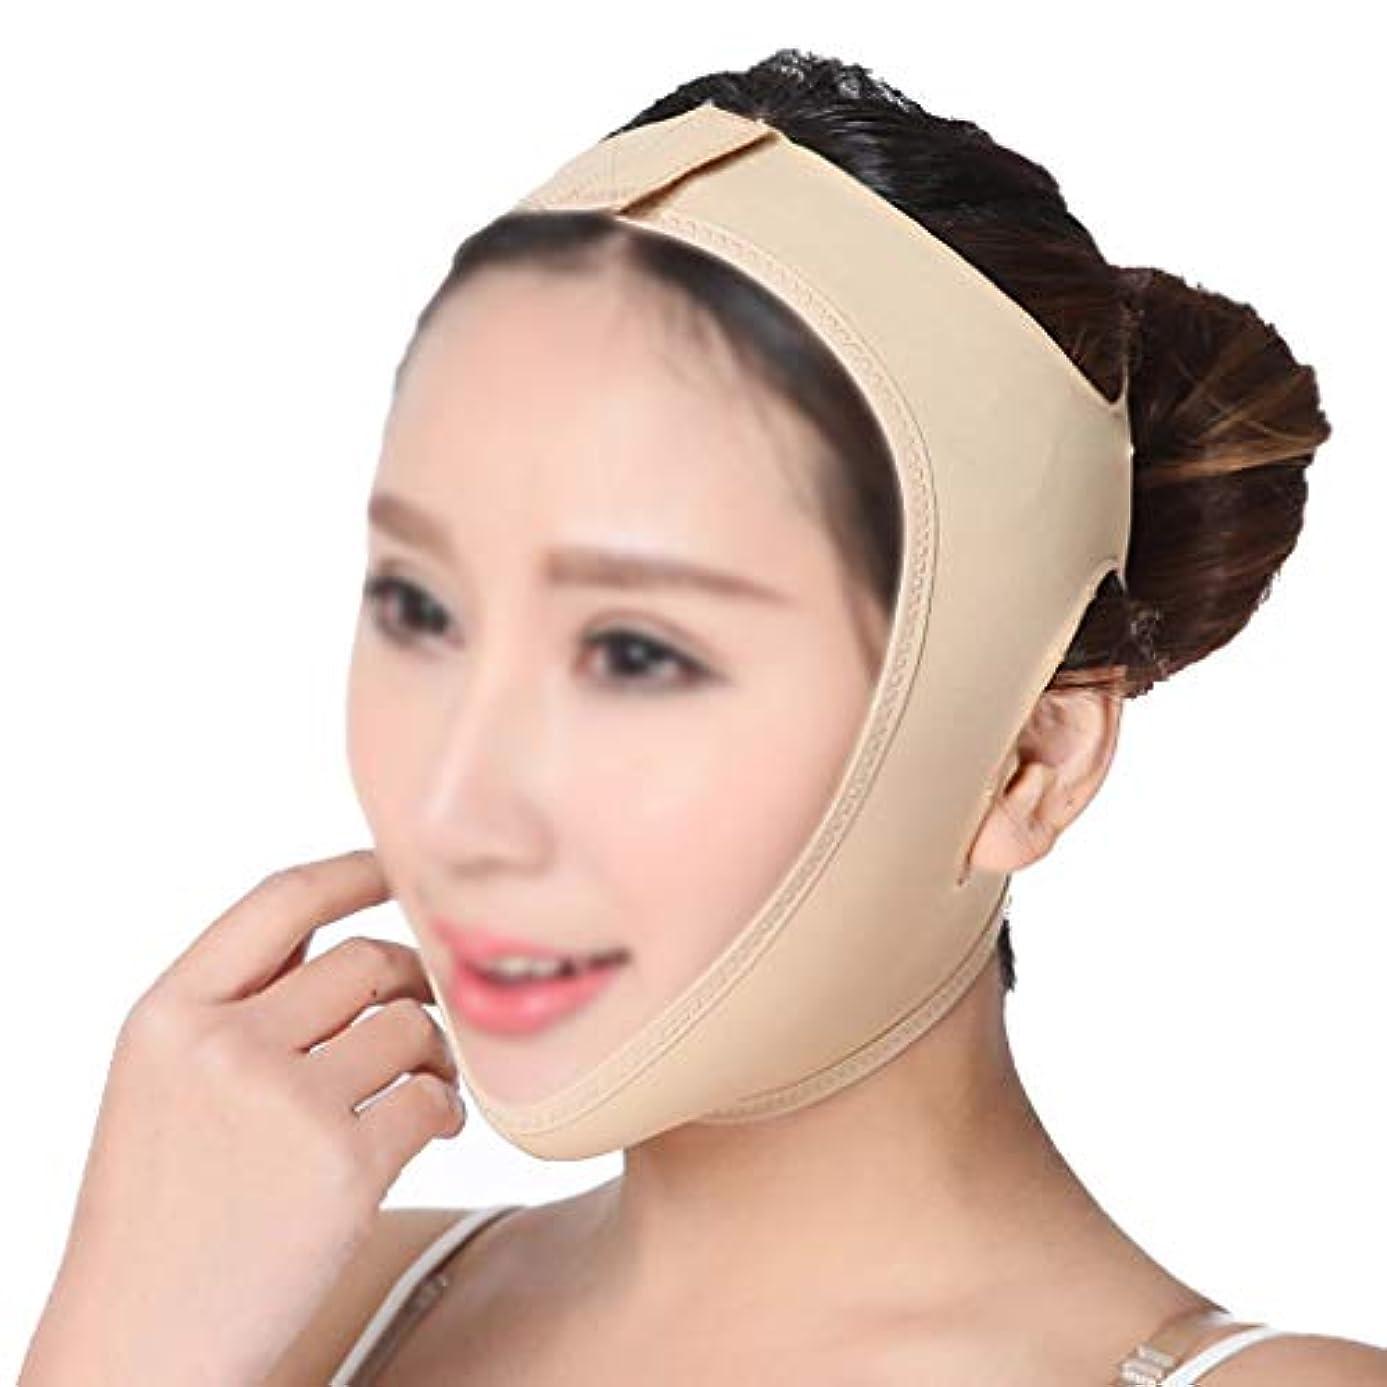 マイナス試験割合フェイスリフティング包帯、Vフェイス楽器フェイスマスクアーティファクト引き締めマスク手動フェイシャルマッサージ通気性肌のトーン (Size : S)